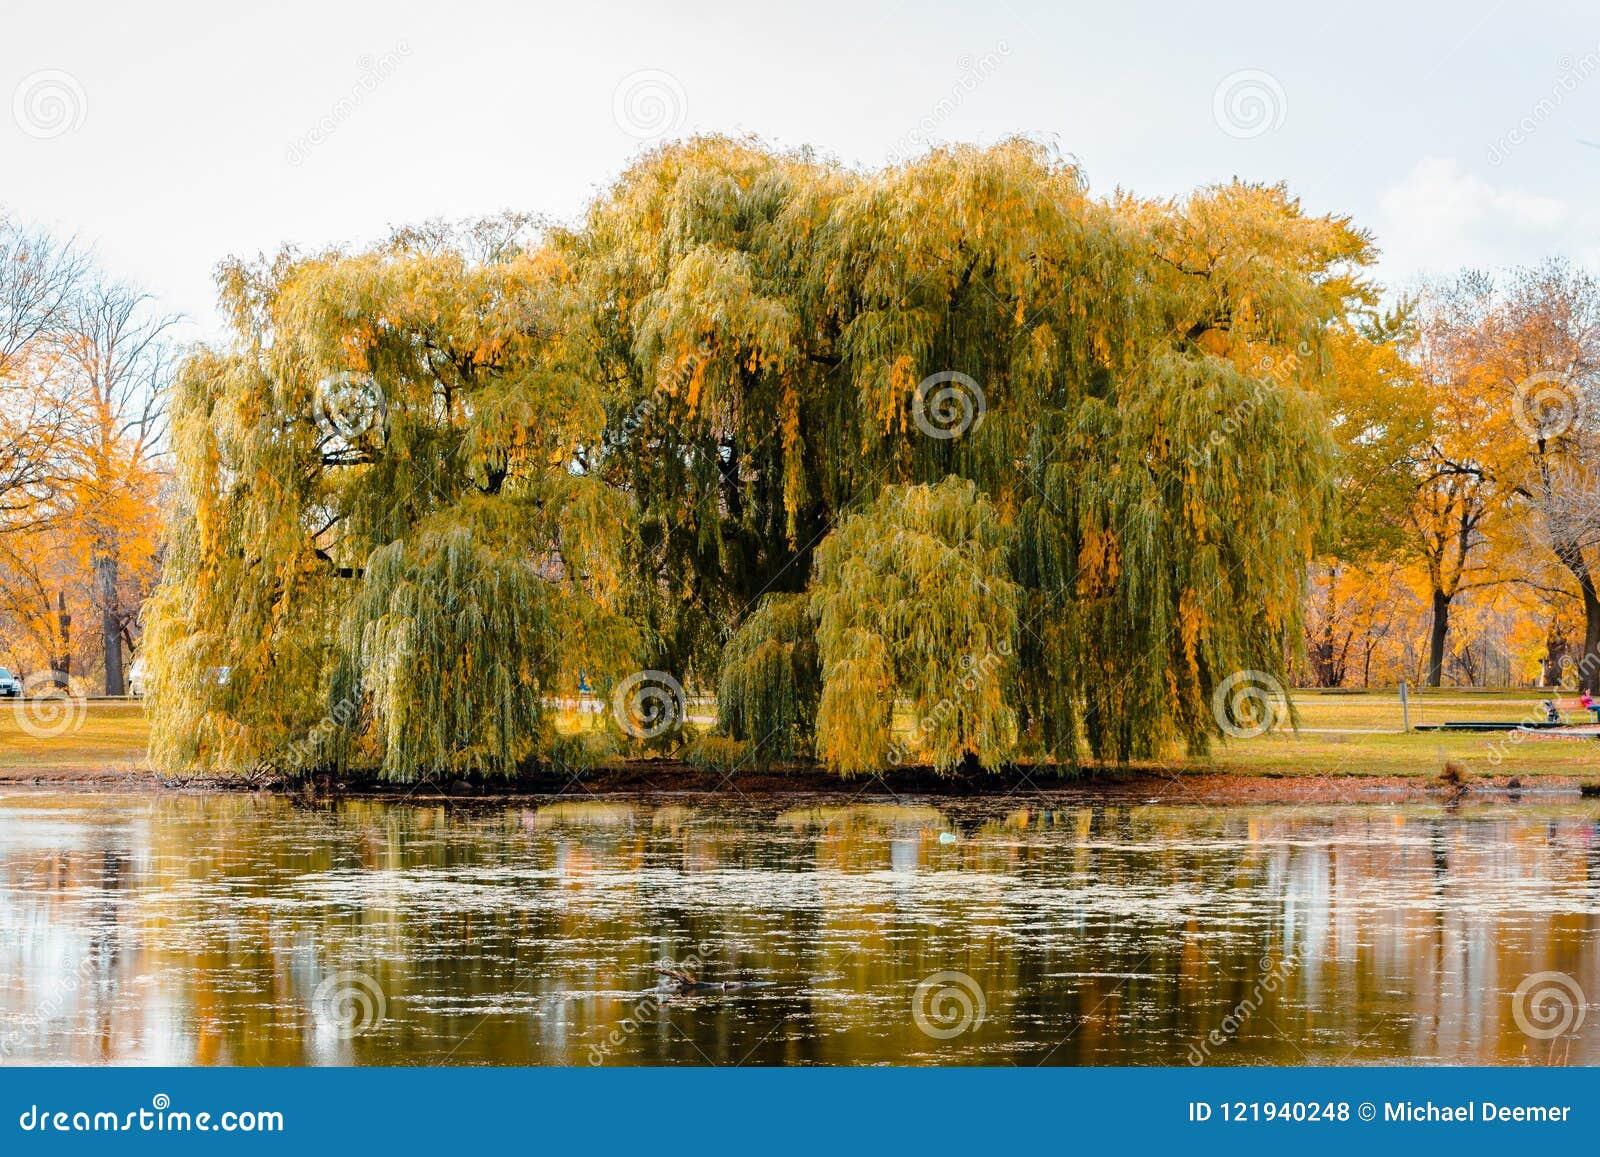 Paisagem de uma árvore de salgueiro chorando durante a queda pela lagoa no parque do beira-rio em Grand Rapids Michigan